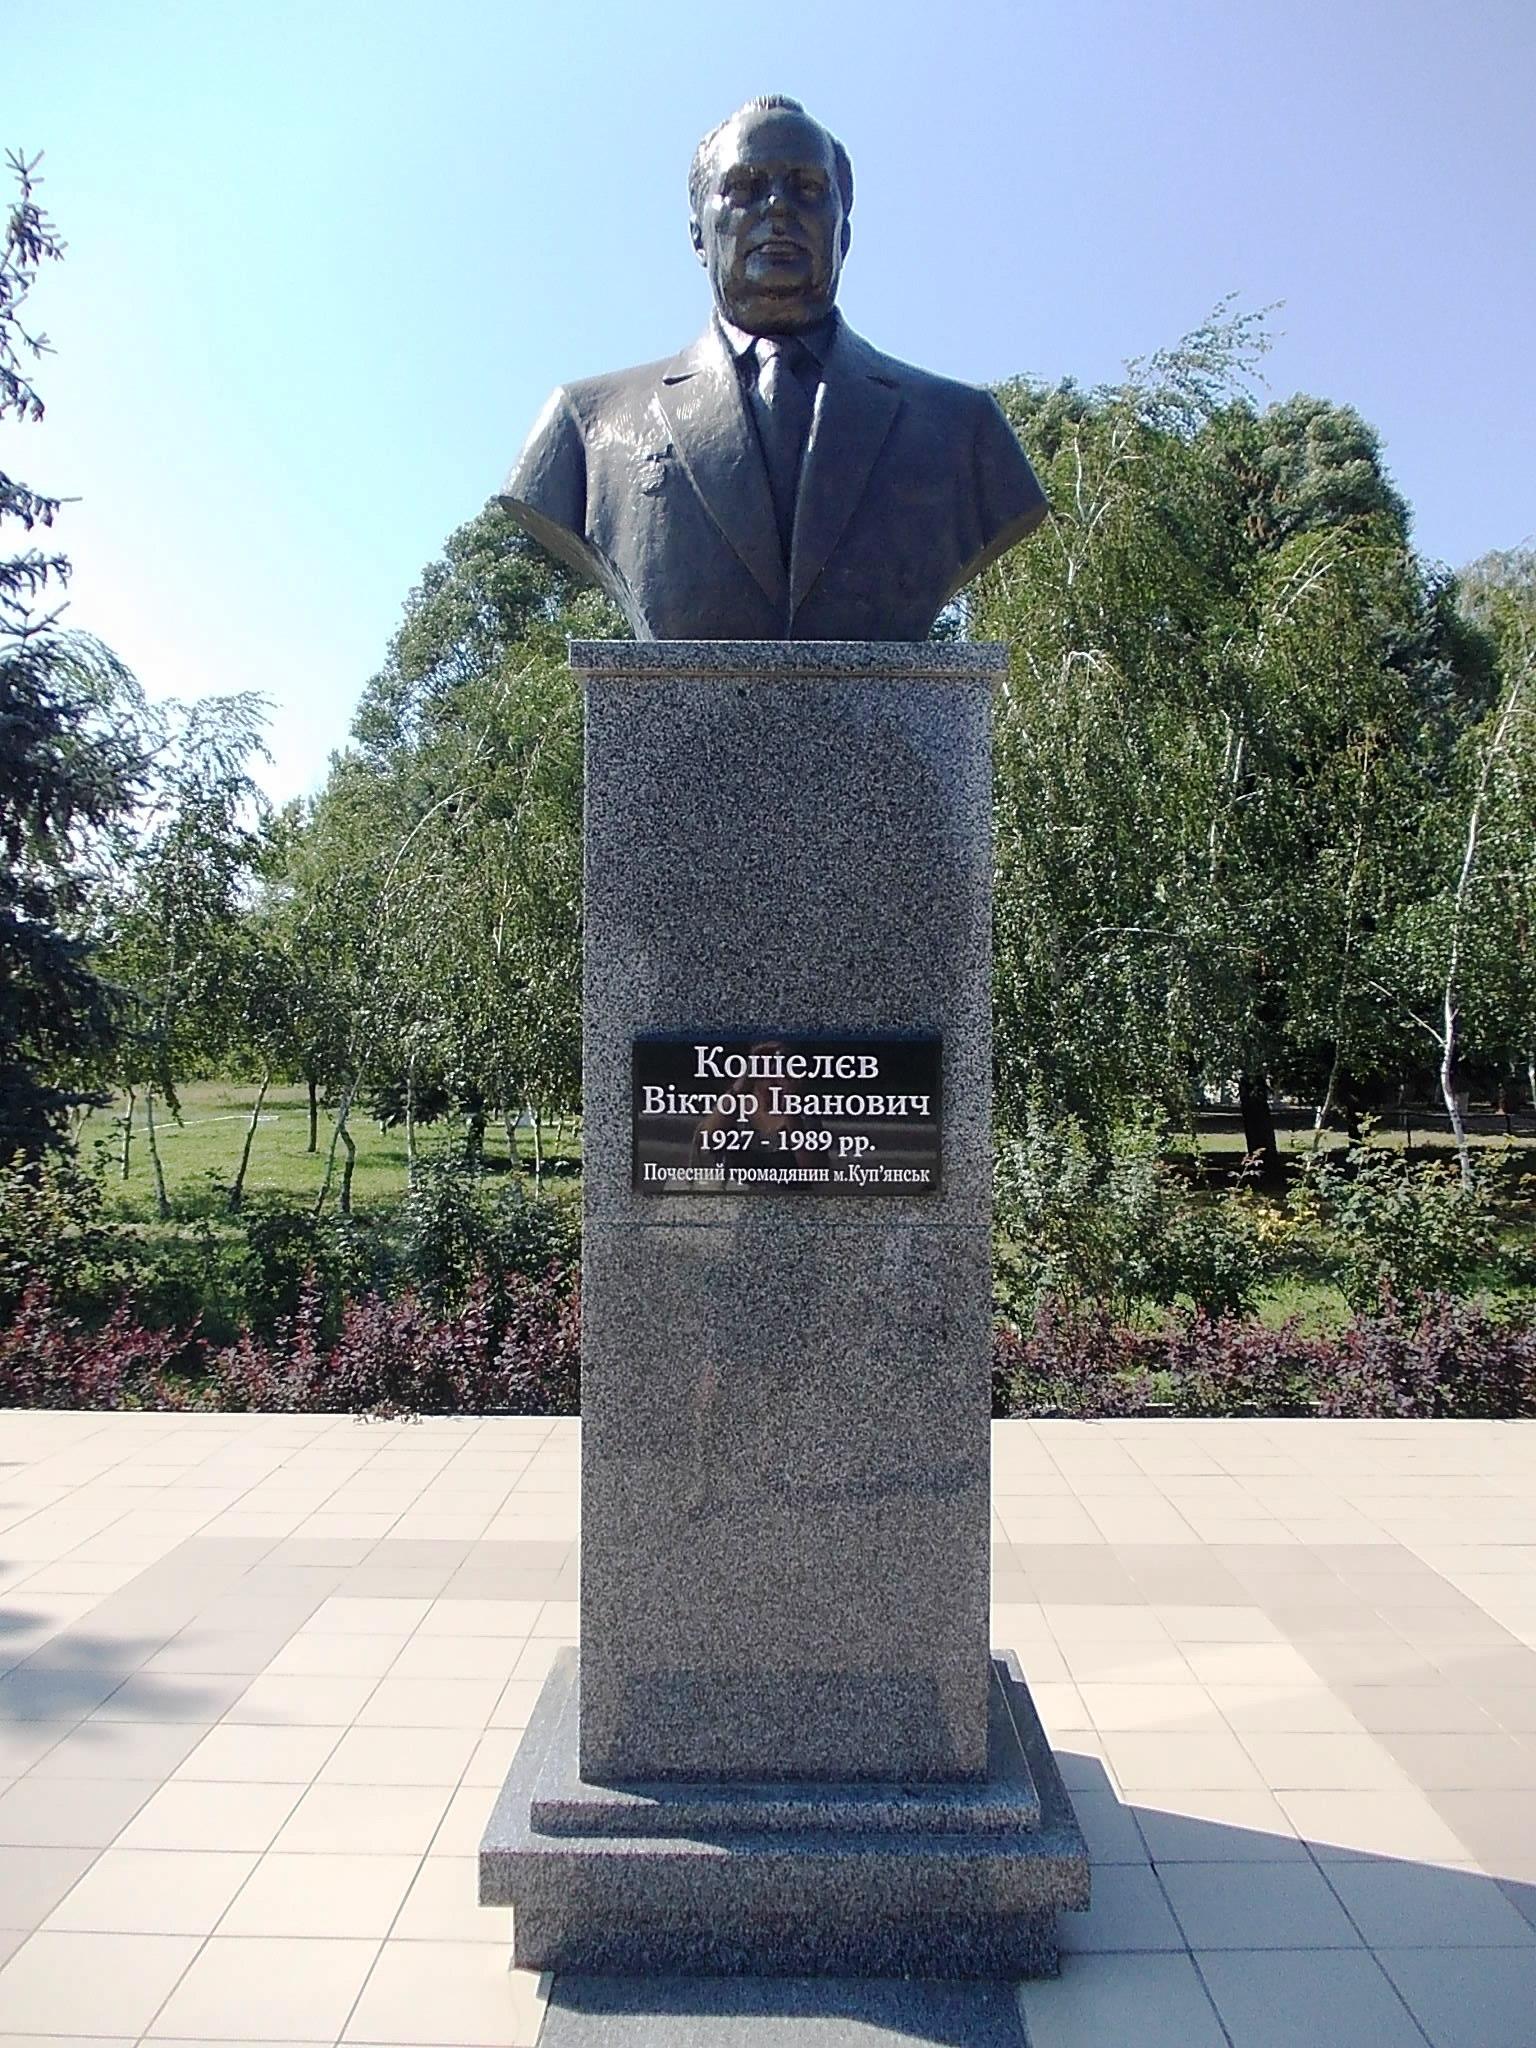 Бюст В.И. Кошелева